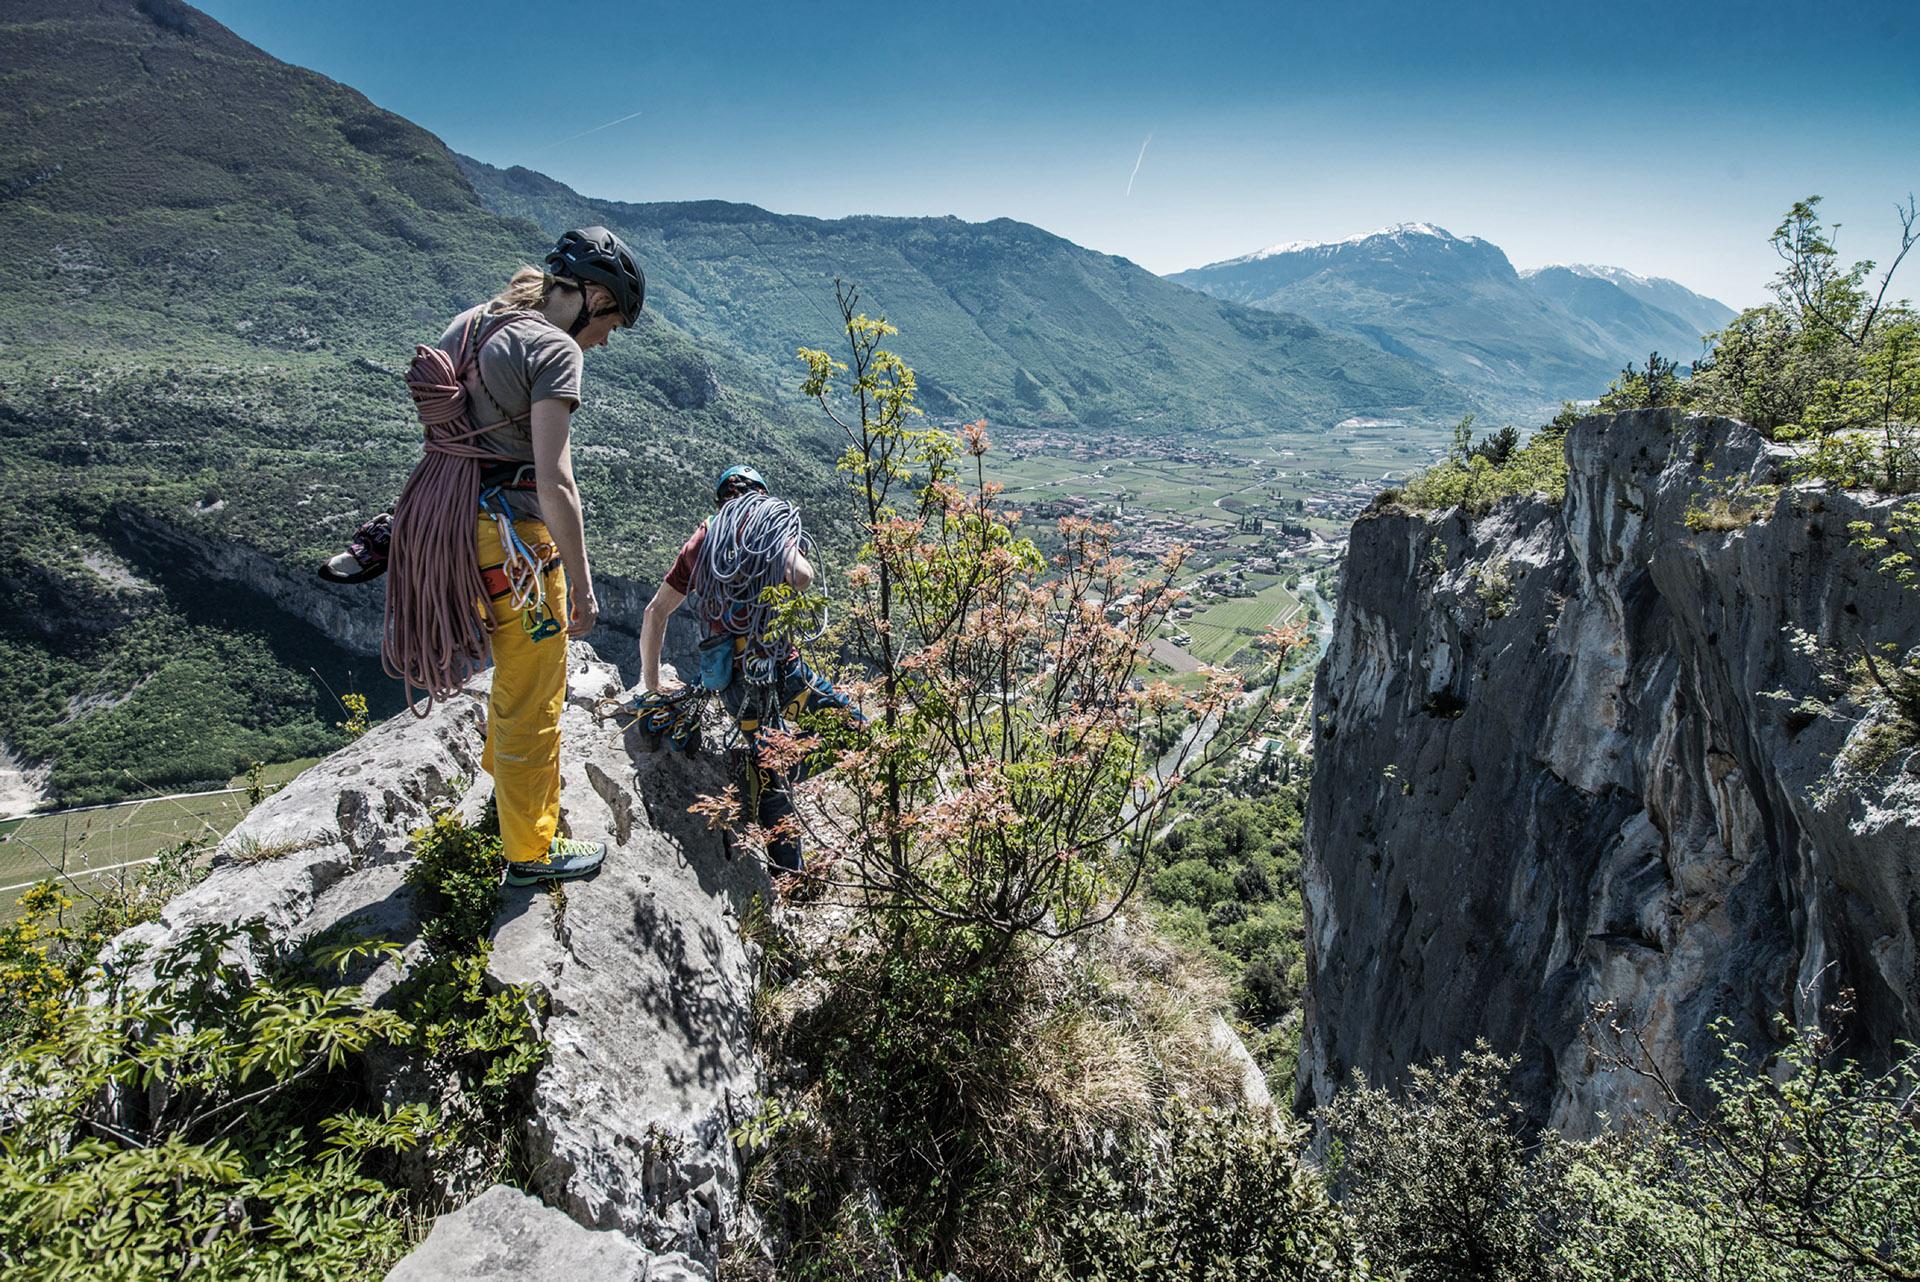 Mit der Traverse X-Line verbindet La Sportiva Trailrunning, Zustieg und Klettern noch enger